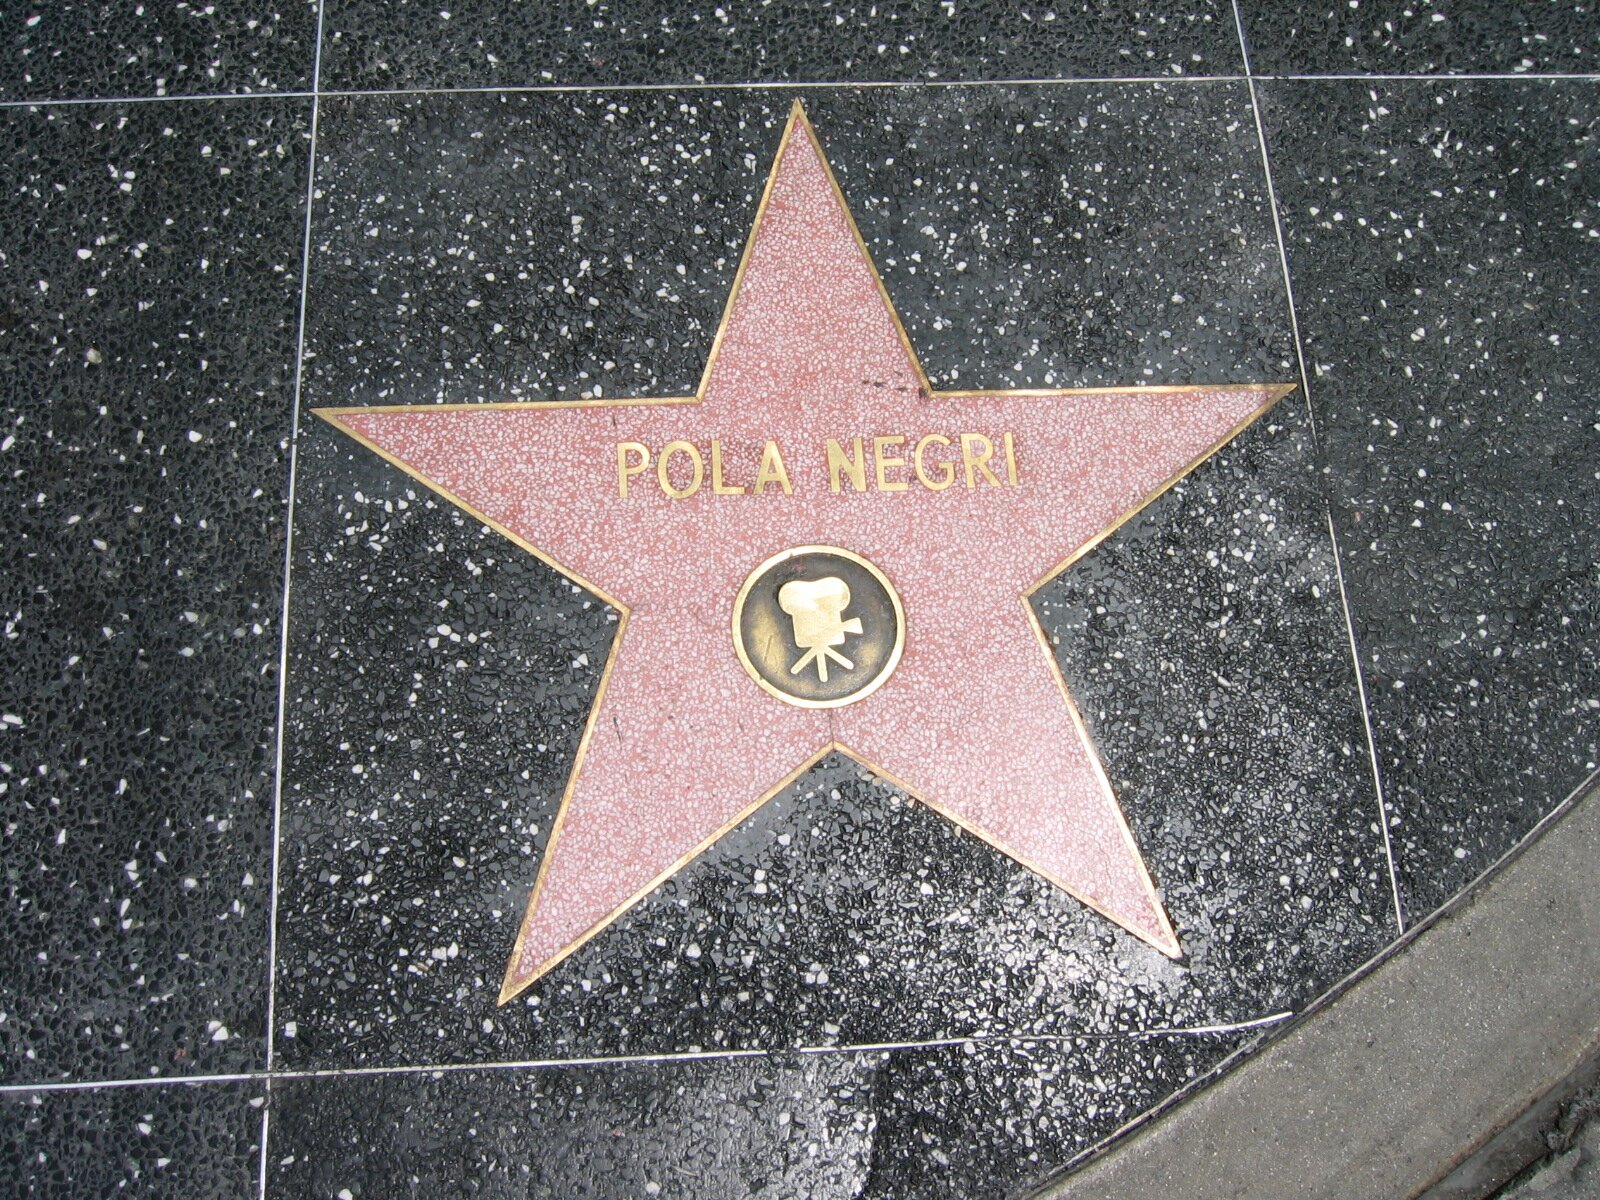 Gwiazda Poli Negri – Polki, jej prawdziwe personalia to Apolonia Chałupiec Źródło: Mariusz Paździora, Gwiazda Poli Negri – Polki, jej prawdziwe personalia to Apolonia Chałupiec, Fotografia, licencja: CC BY-SA 4.0.